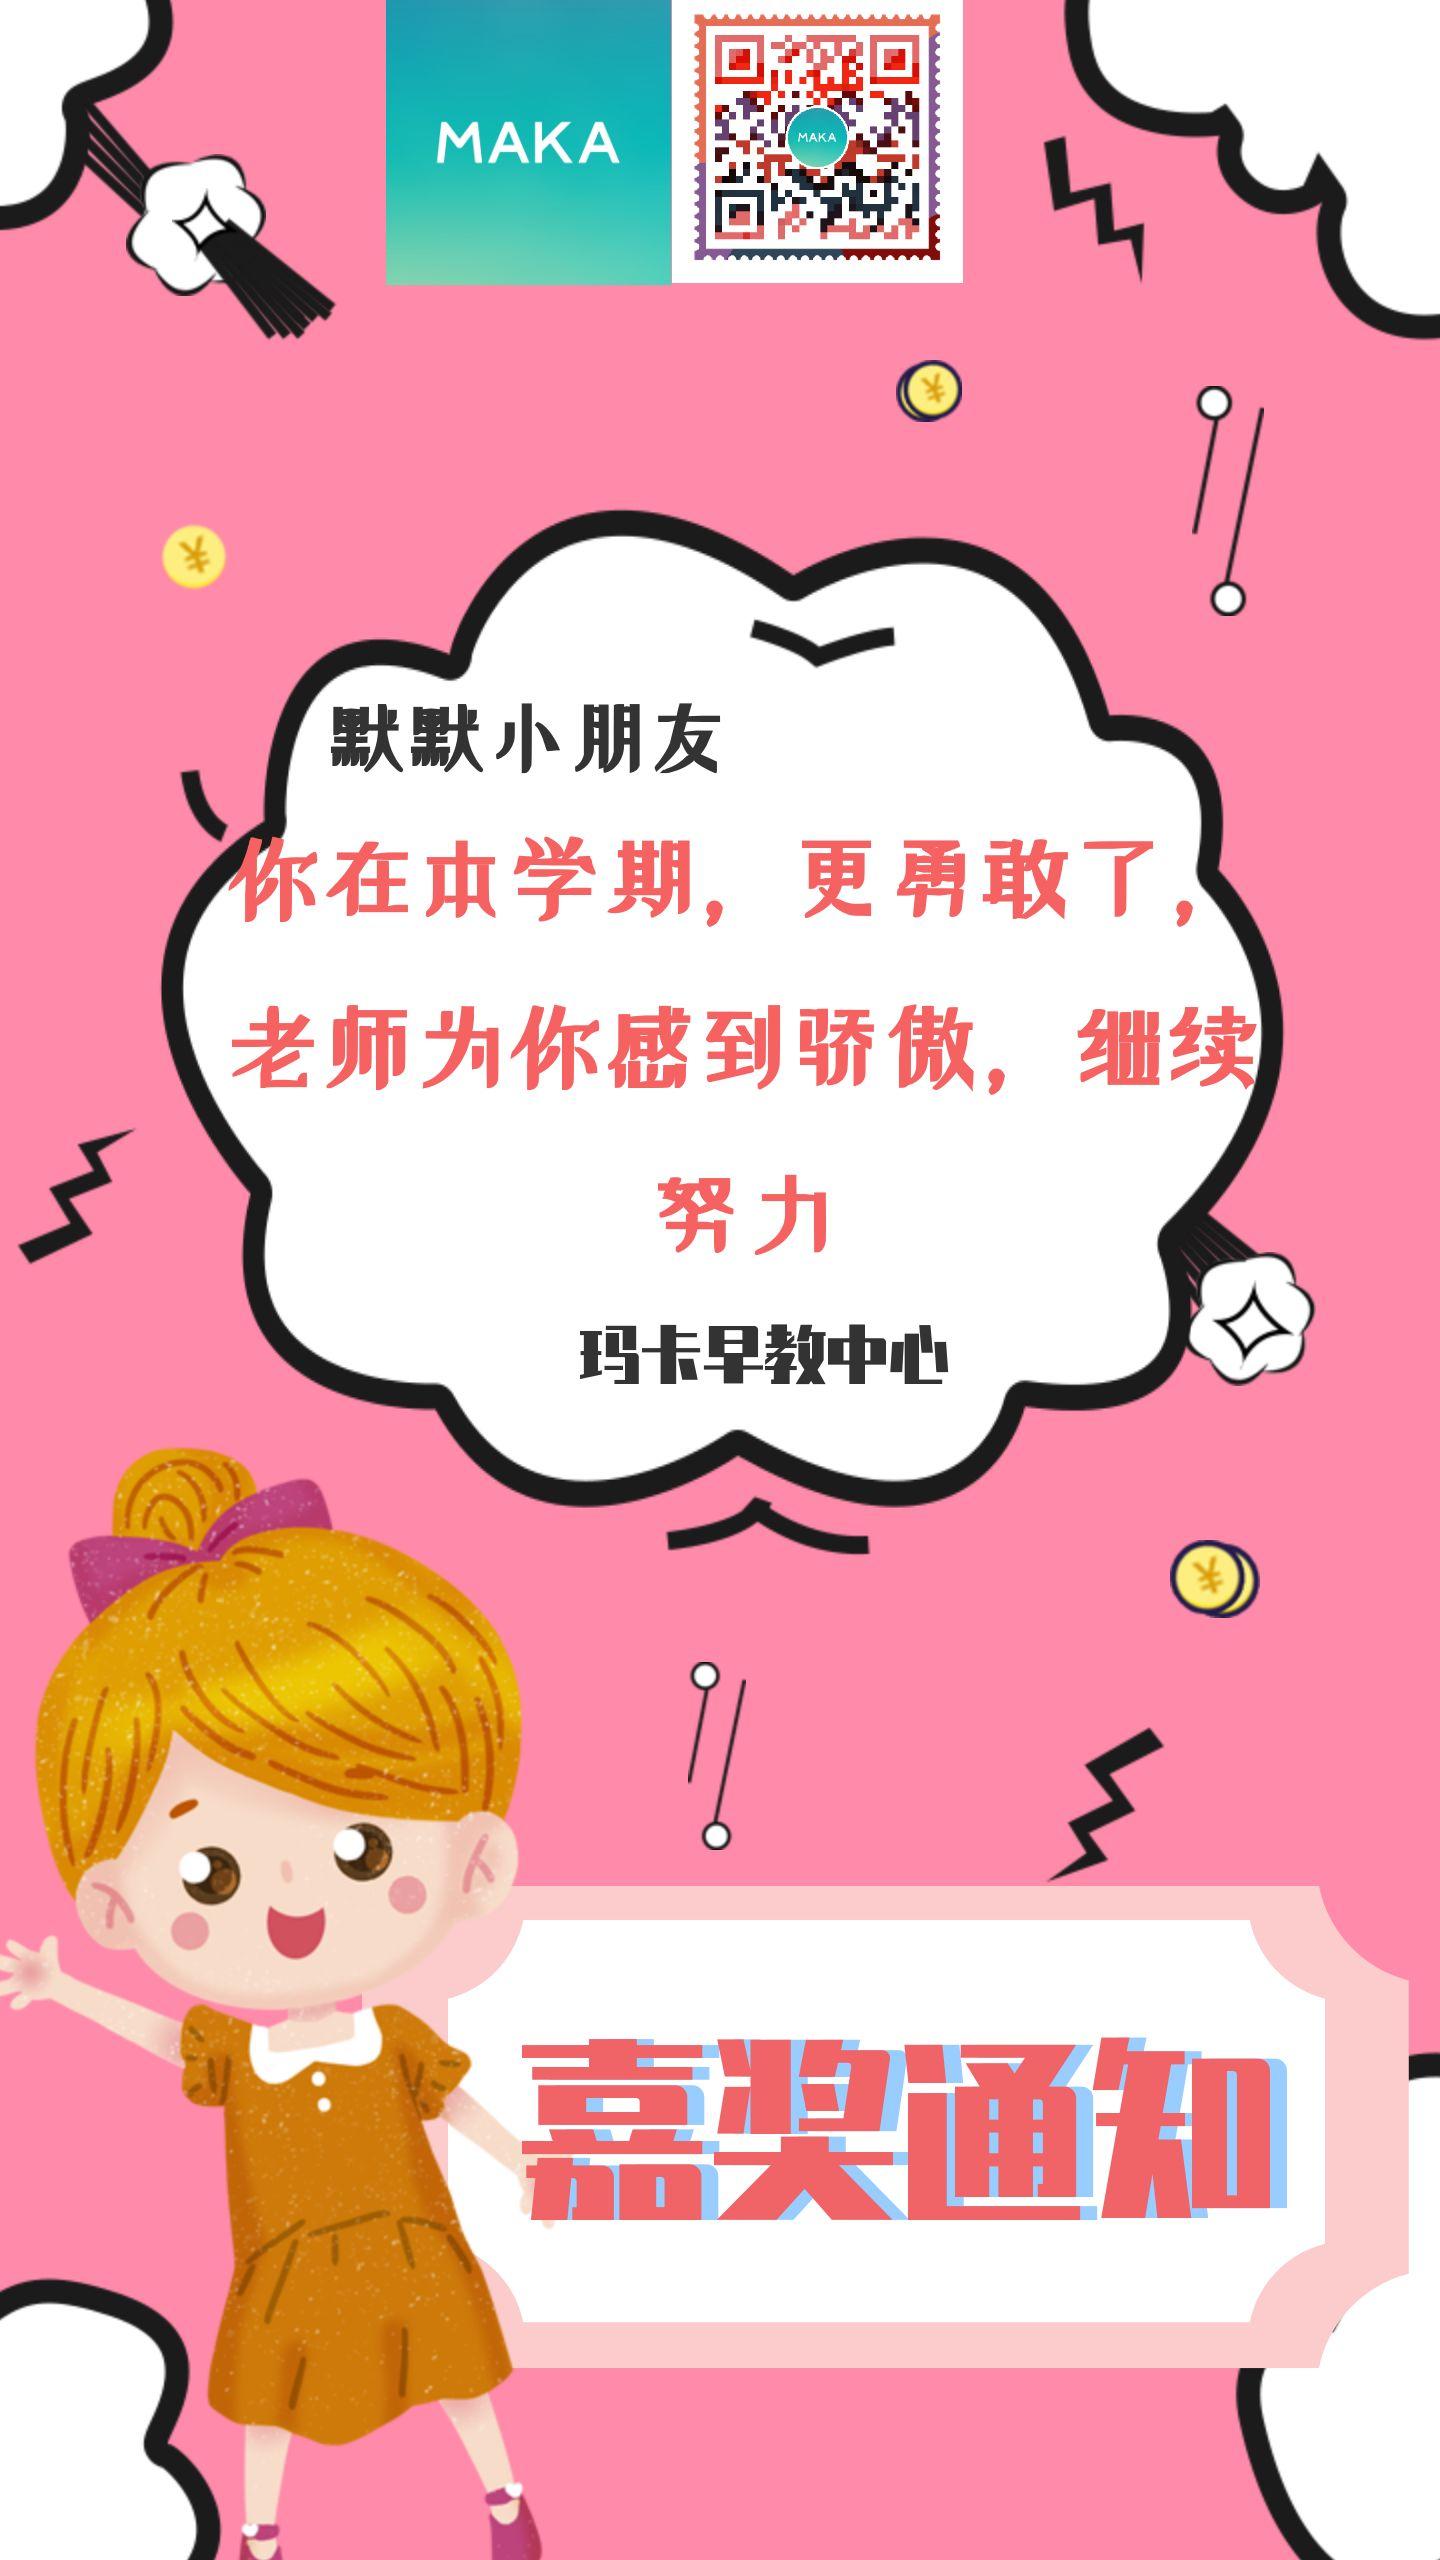 粉色卡通插画风早教幼儿园教育培训孩子嘉奖鼓励祝福海报